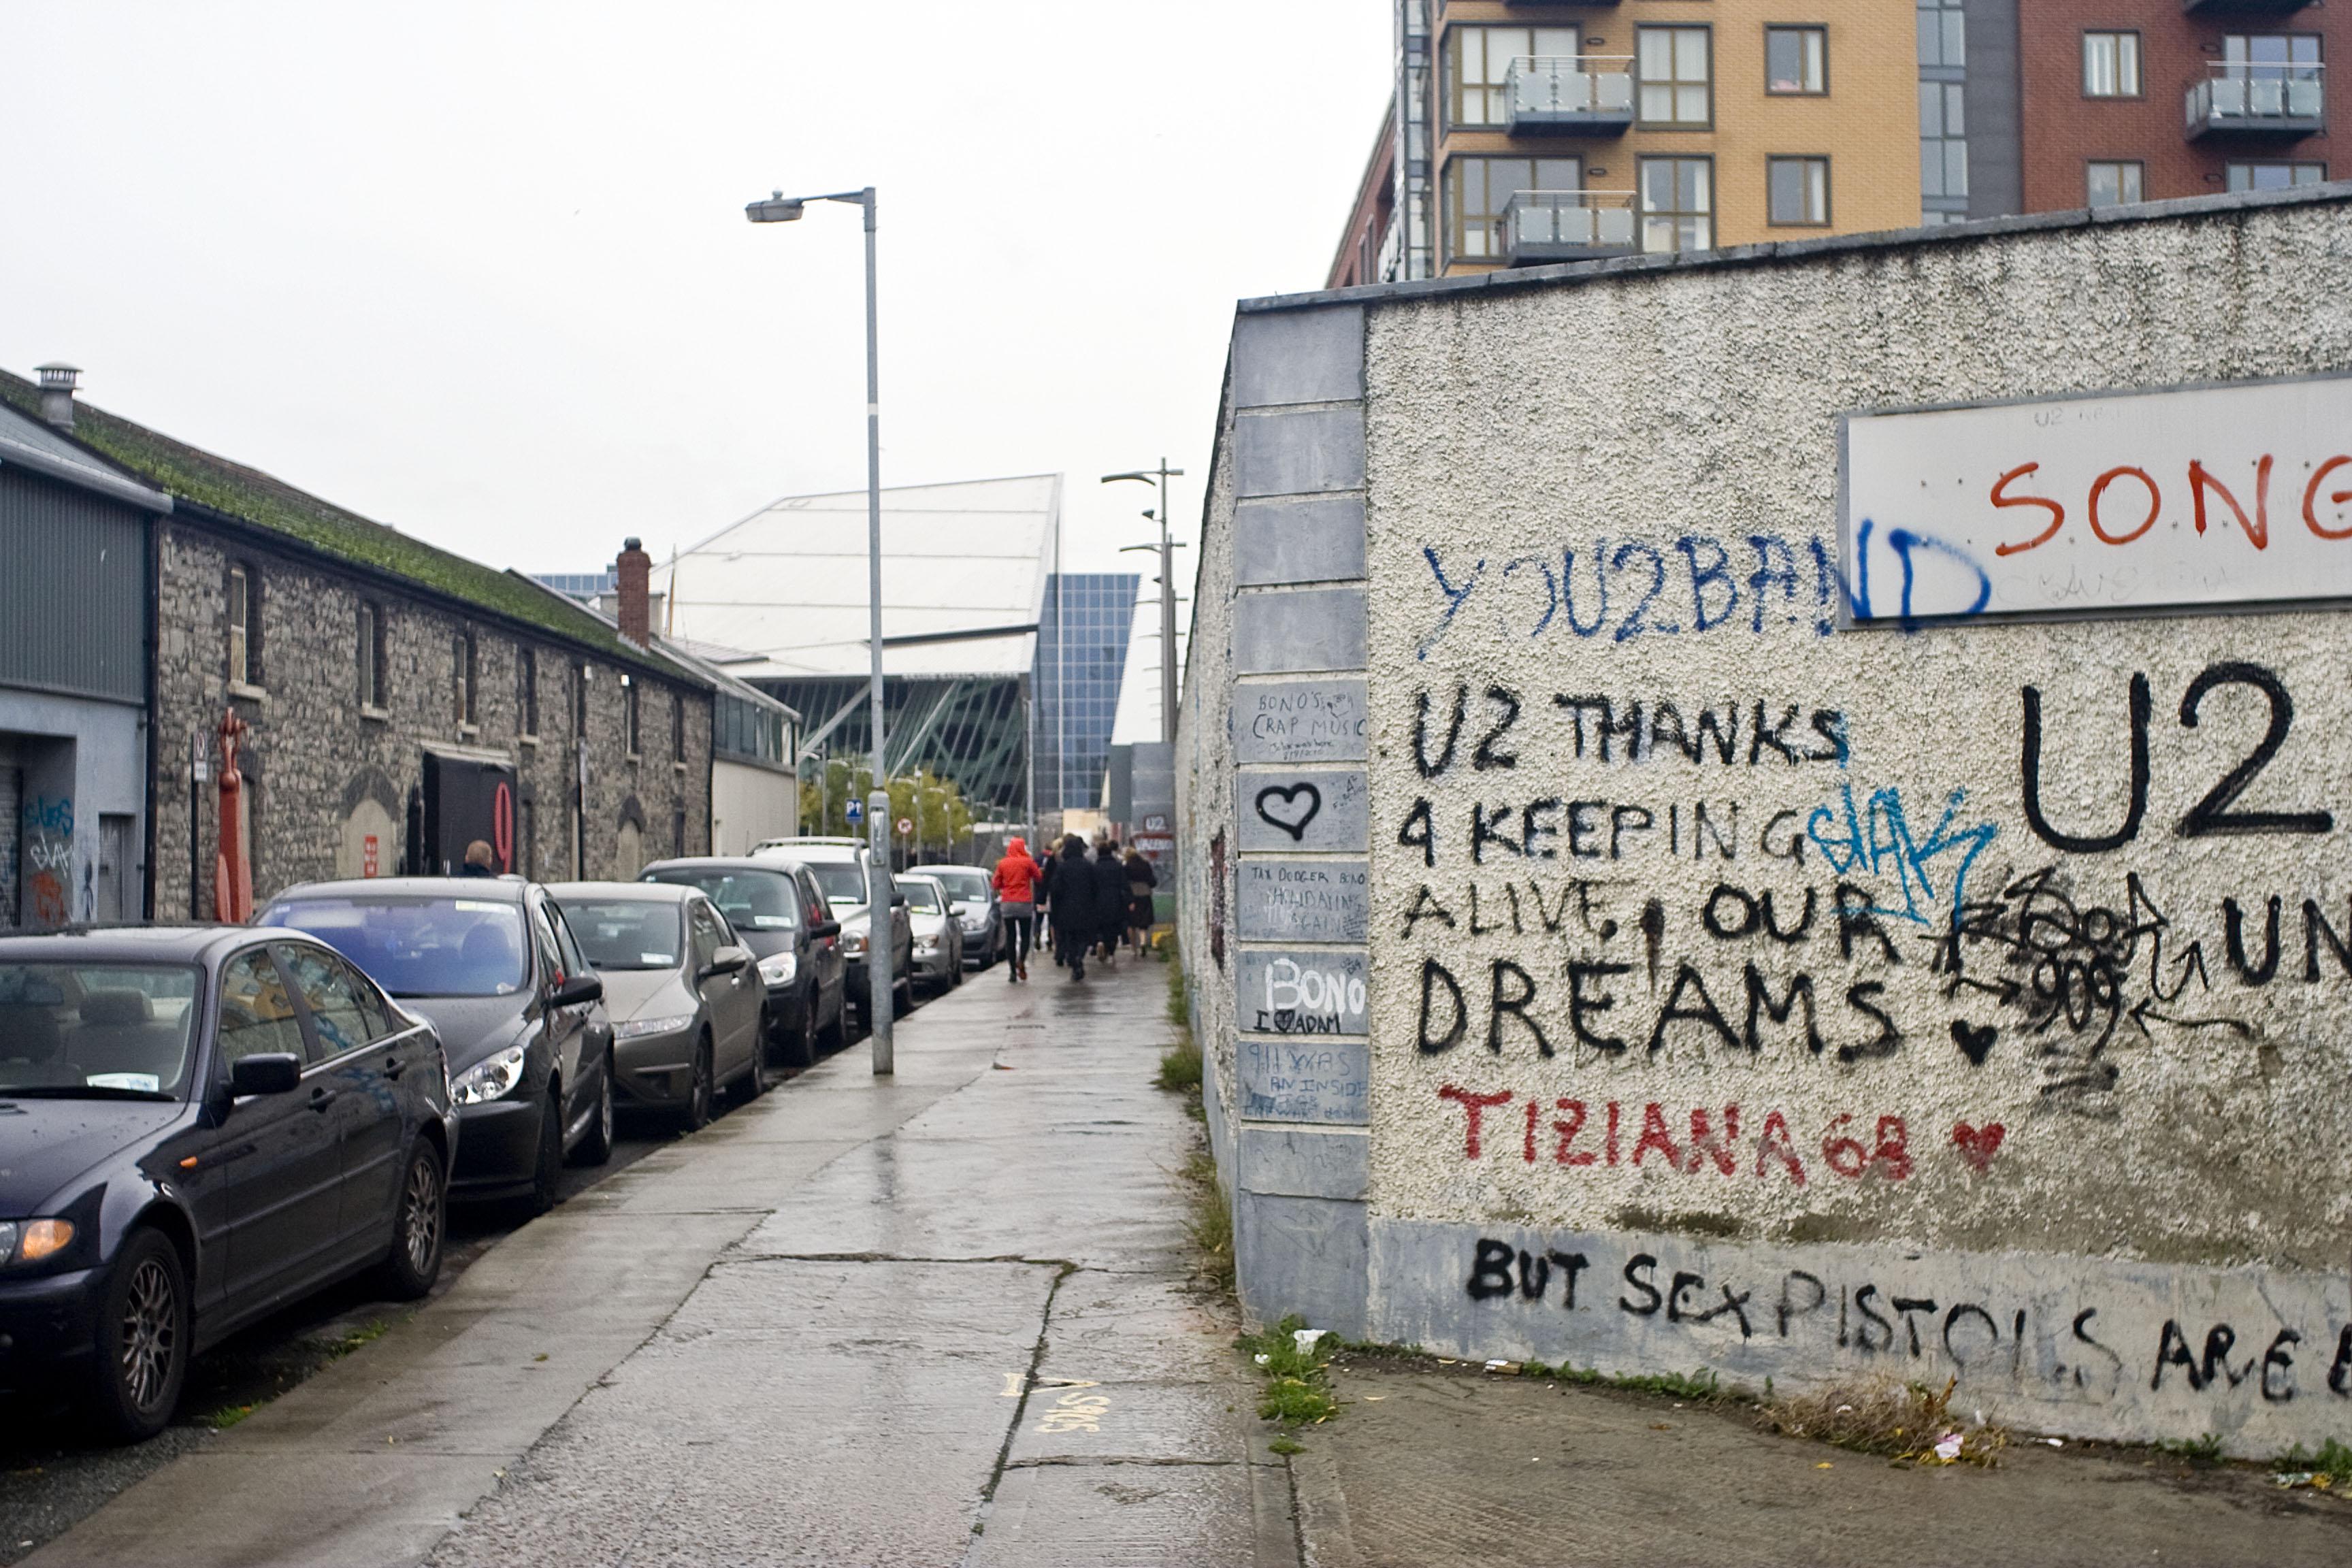 Fabbrica dismessa ad Hannover quay Questo è un famoso edificio usato dalla band x suonare e provare i loro pezzi, vedete le firme e i graffiti dei fan su muro. Hanno girato qua dentro alcuni tra loro video più famosi. .